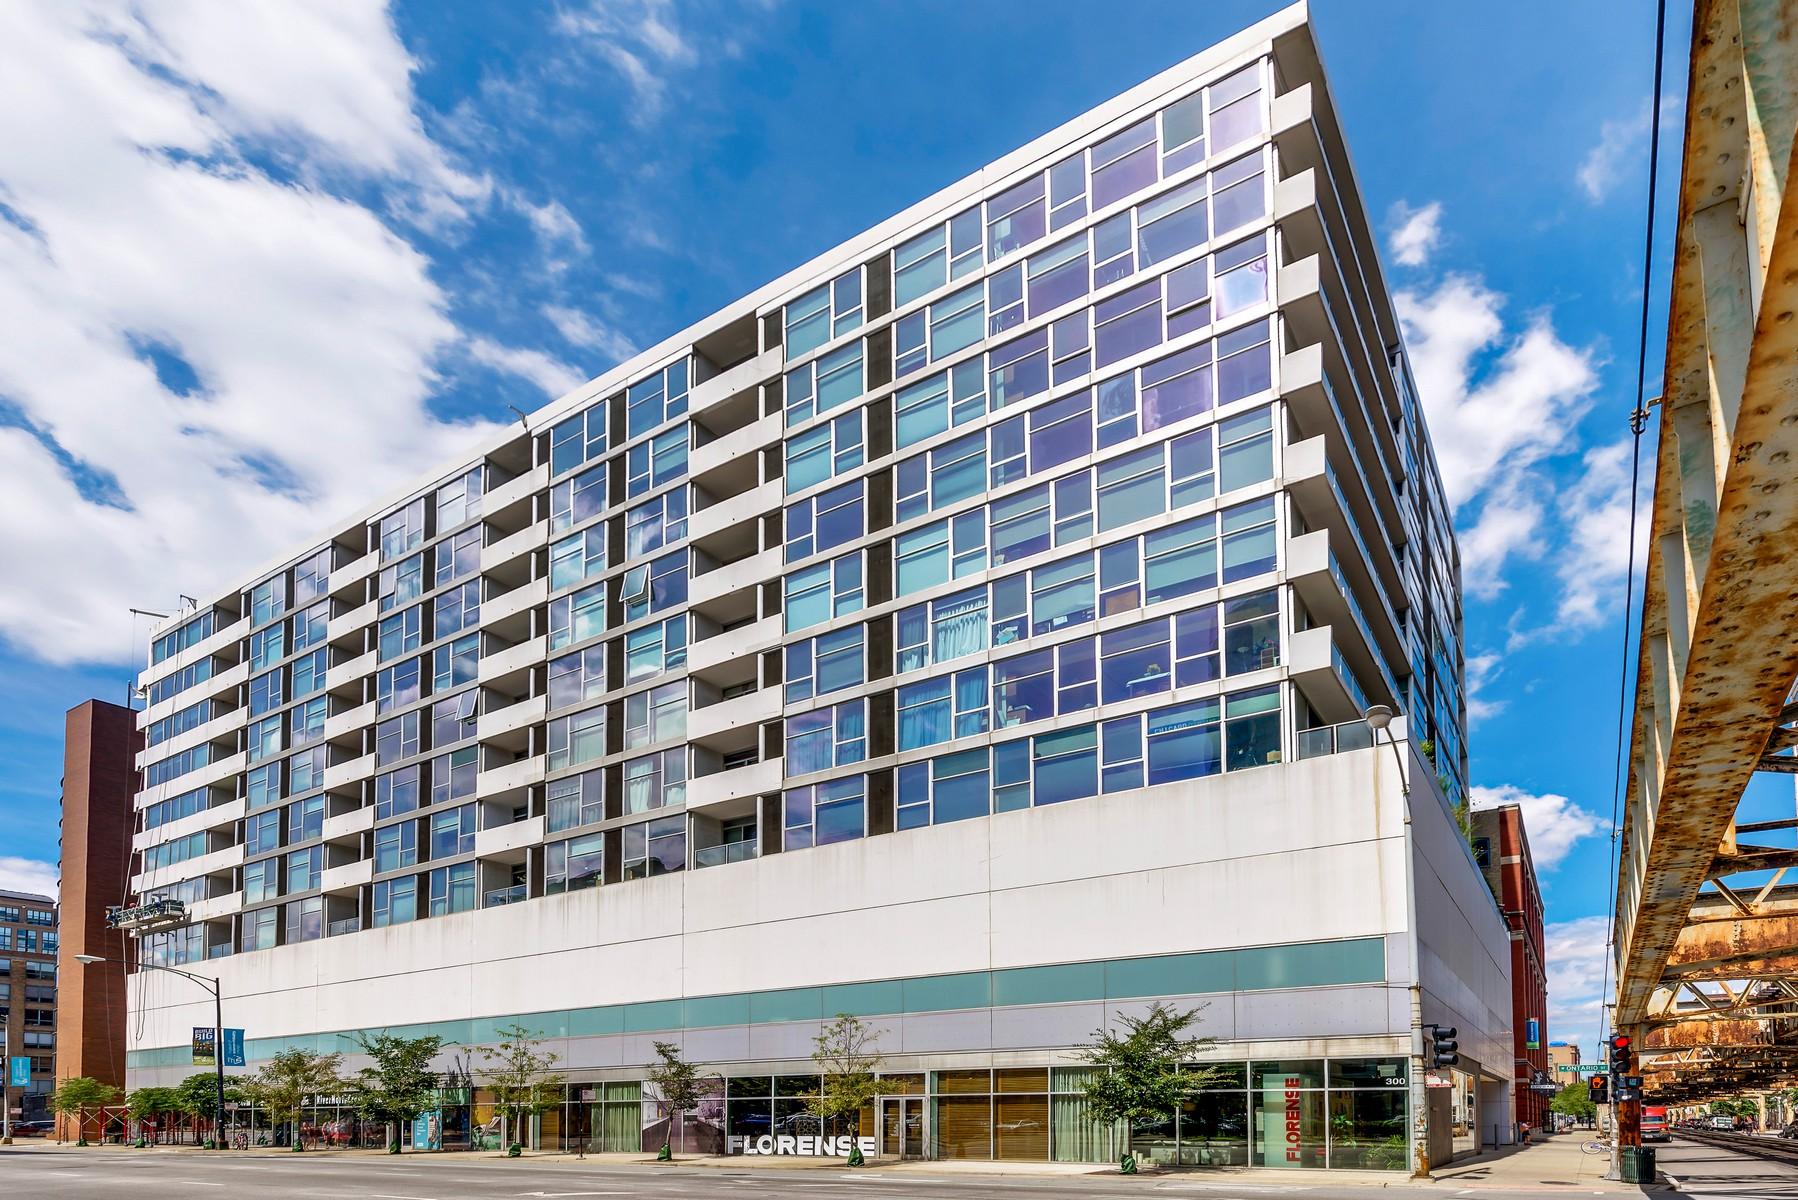 Eigentumswohnung für Verkauf beim Top Floor Unit 630 N Franklin Street Unit 1104 Near North Side, Chicago, Illinois, 60610 Vereinigte Staaten